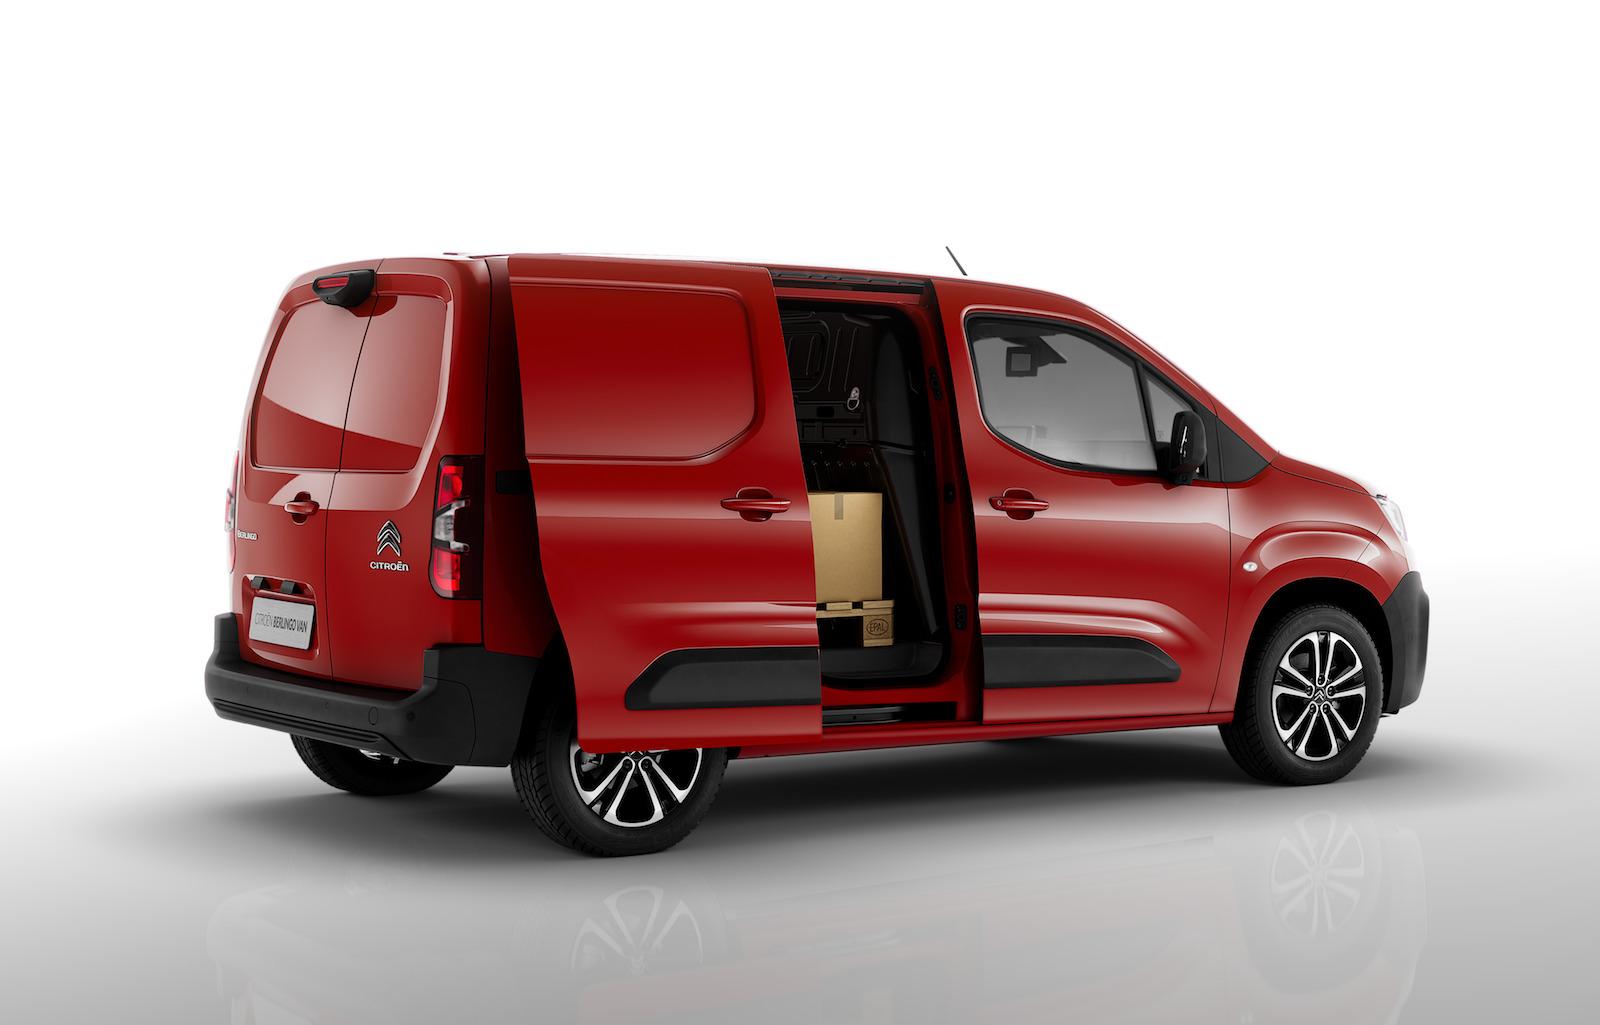 The Berlingo Van